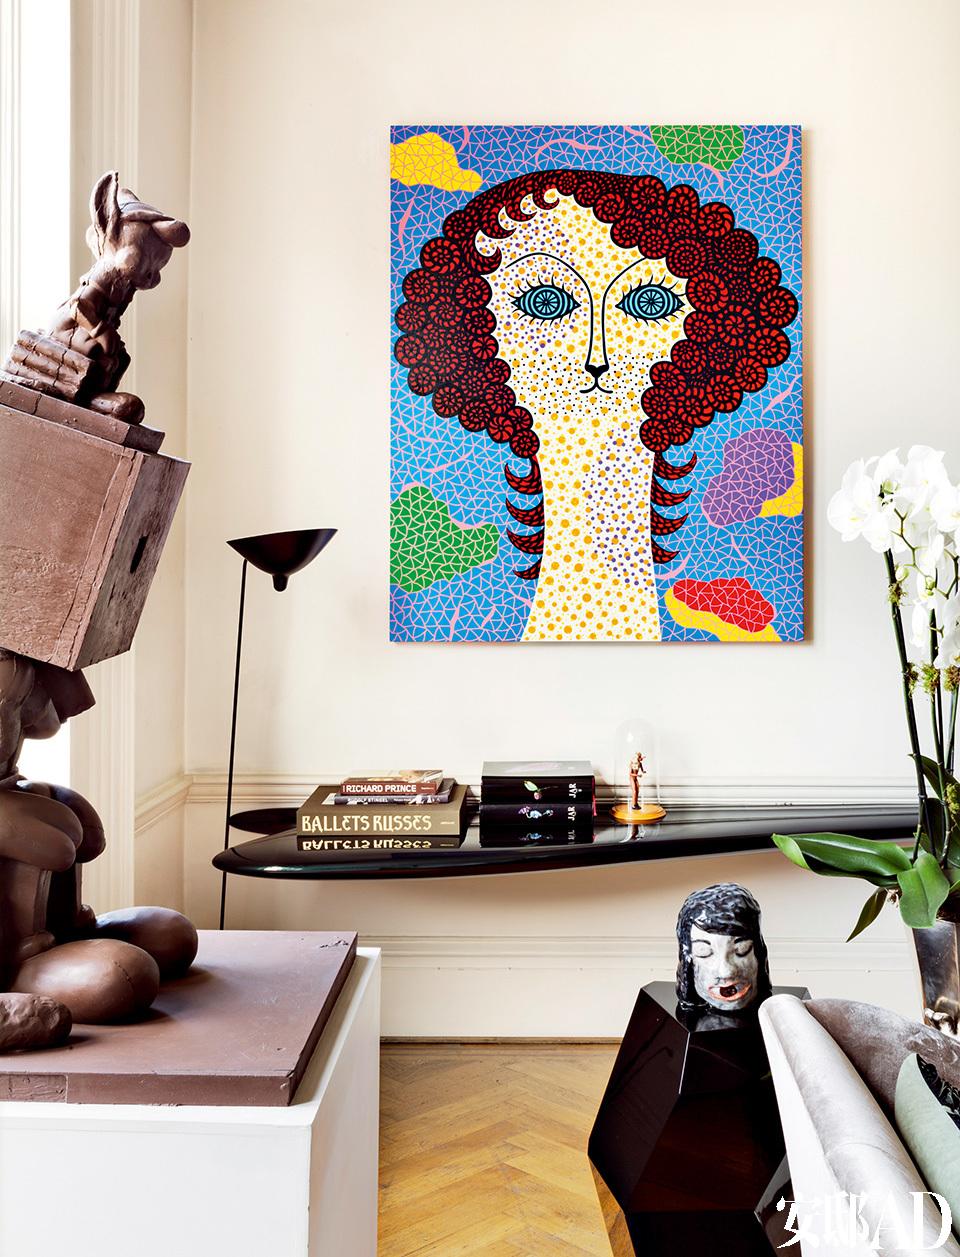 在这个家里,处处是设计得有如一件艺术品,却又兼具功能性的生活物件,艺术和设计已不那么泾渭分明。客厅的一角,墙上的画作来自日本艺术家草间弥生,画作下方的黑色搁架由Zaha Hadid设计,墙角的黑色落地灯来自Serge Mouille,白色立柱上摆着Paul McCarthy设计的树脂雕塑品。沙发旁的黑色几何形小茶几由Mattia Bonetti设计,茶几上的陶瓷头像是Klara Kristalova的作品。